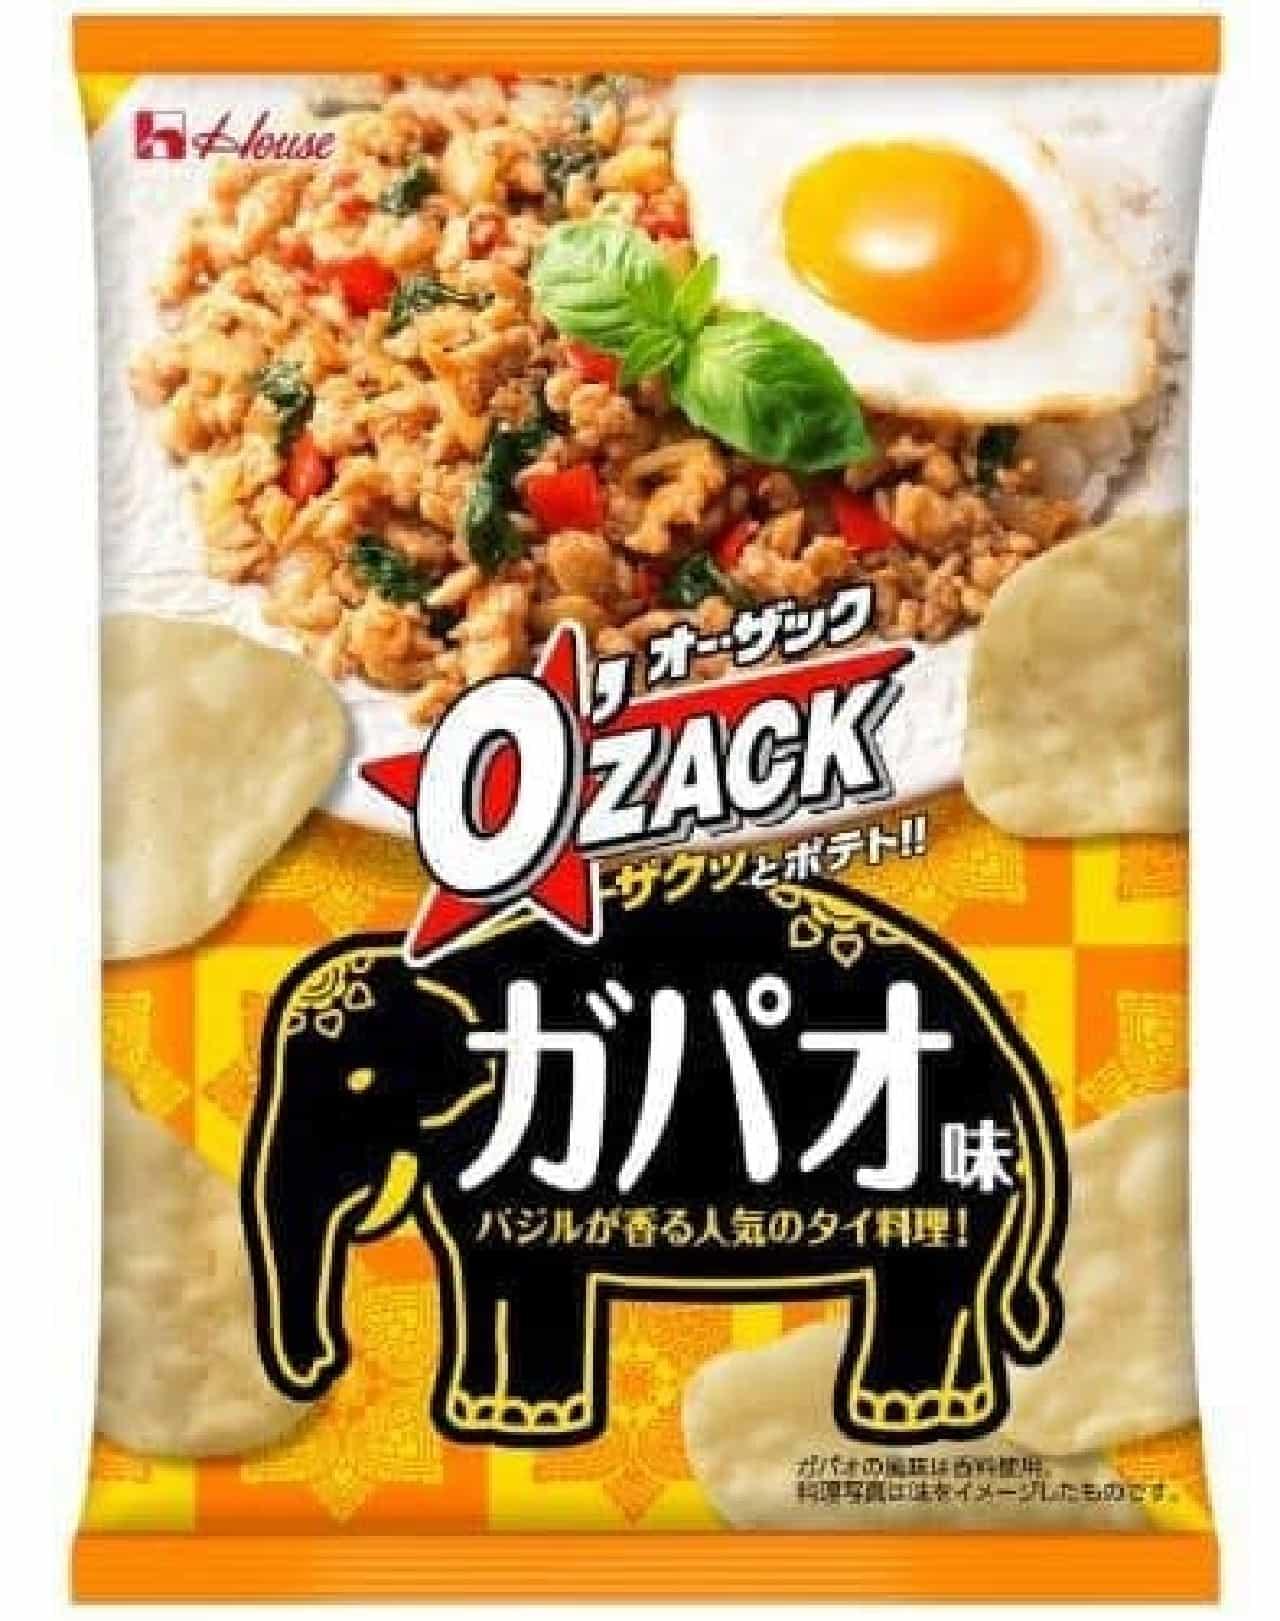 ハウス食品「オーザック ガパオ味」